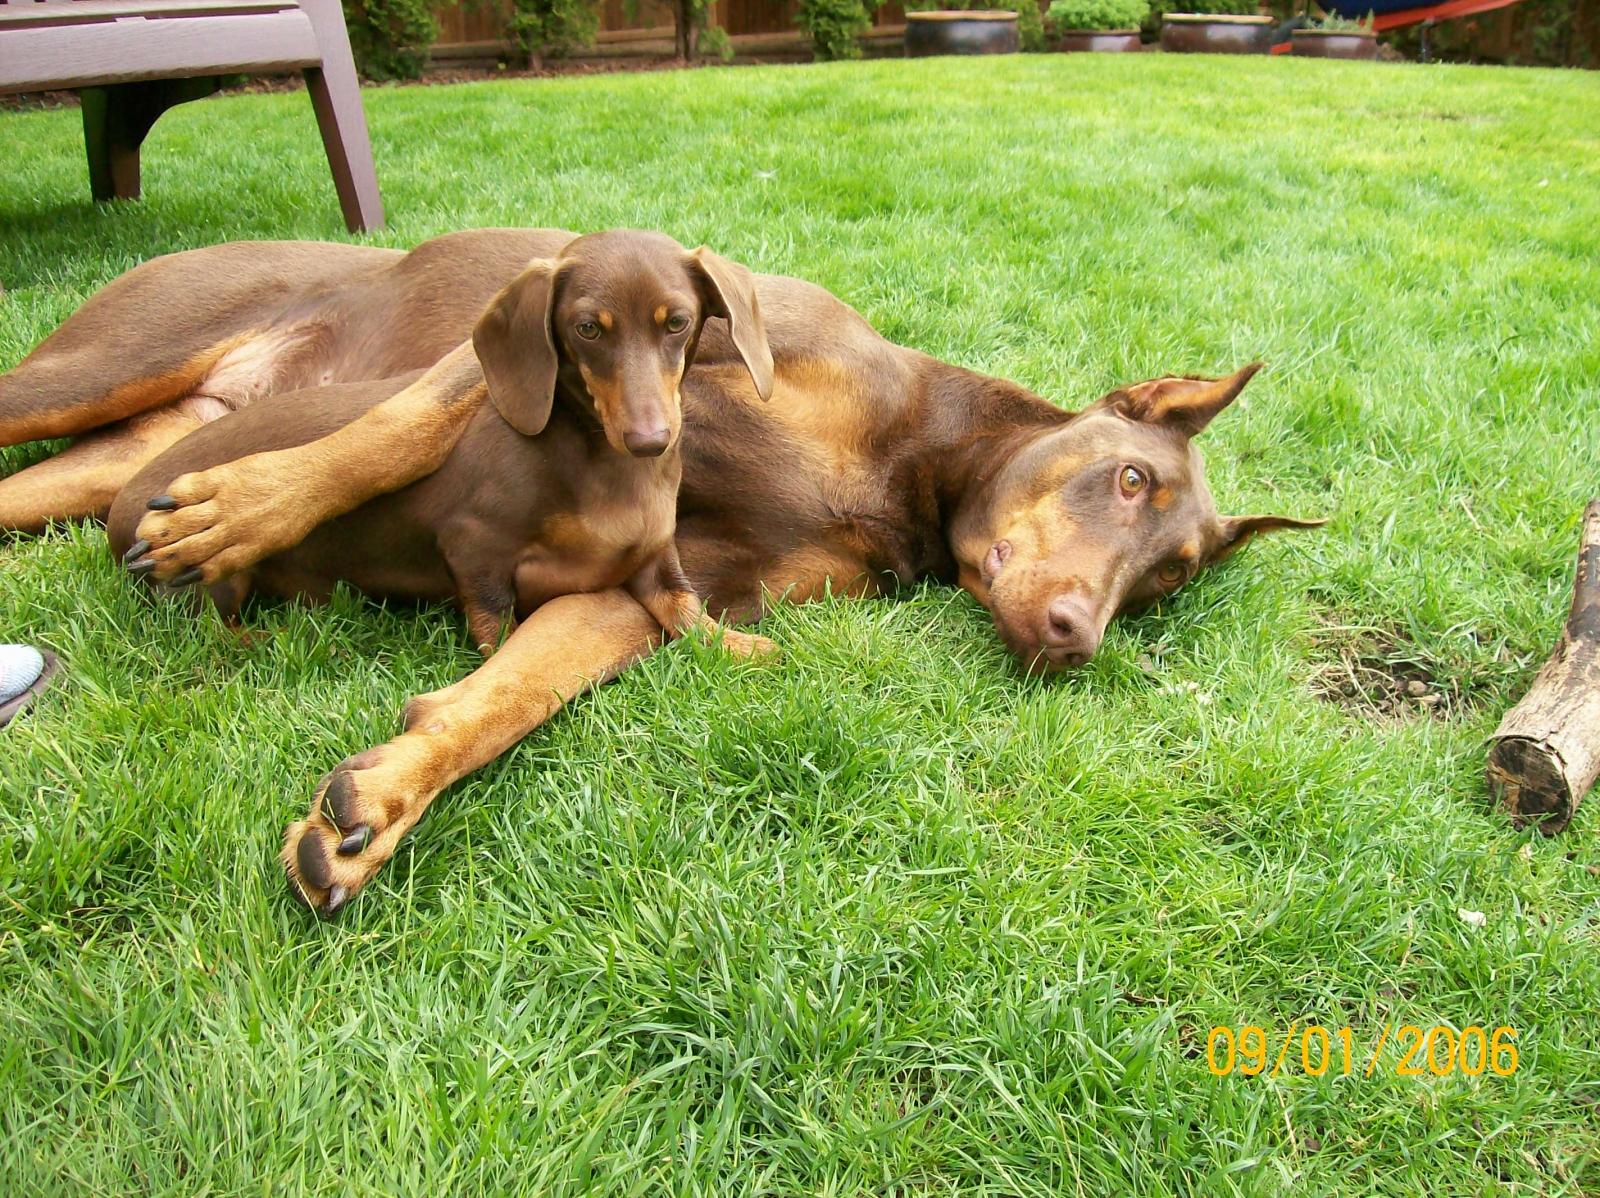 Zena & Lola